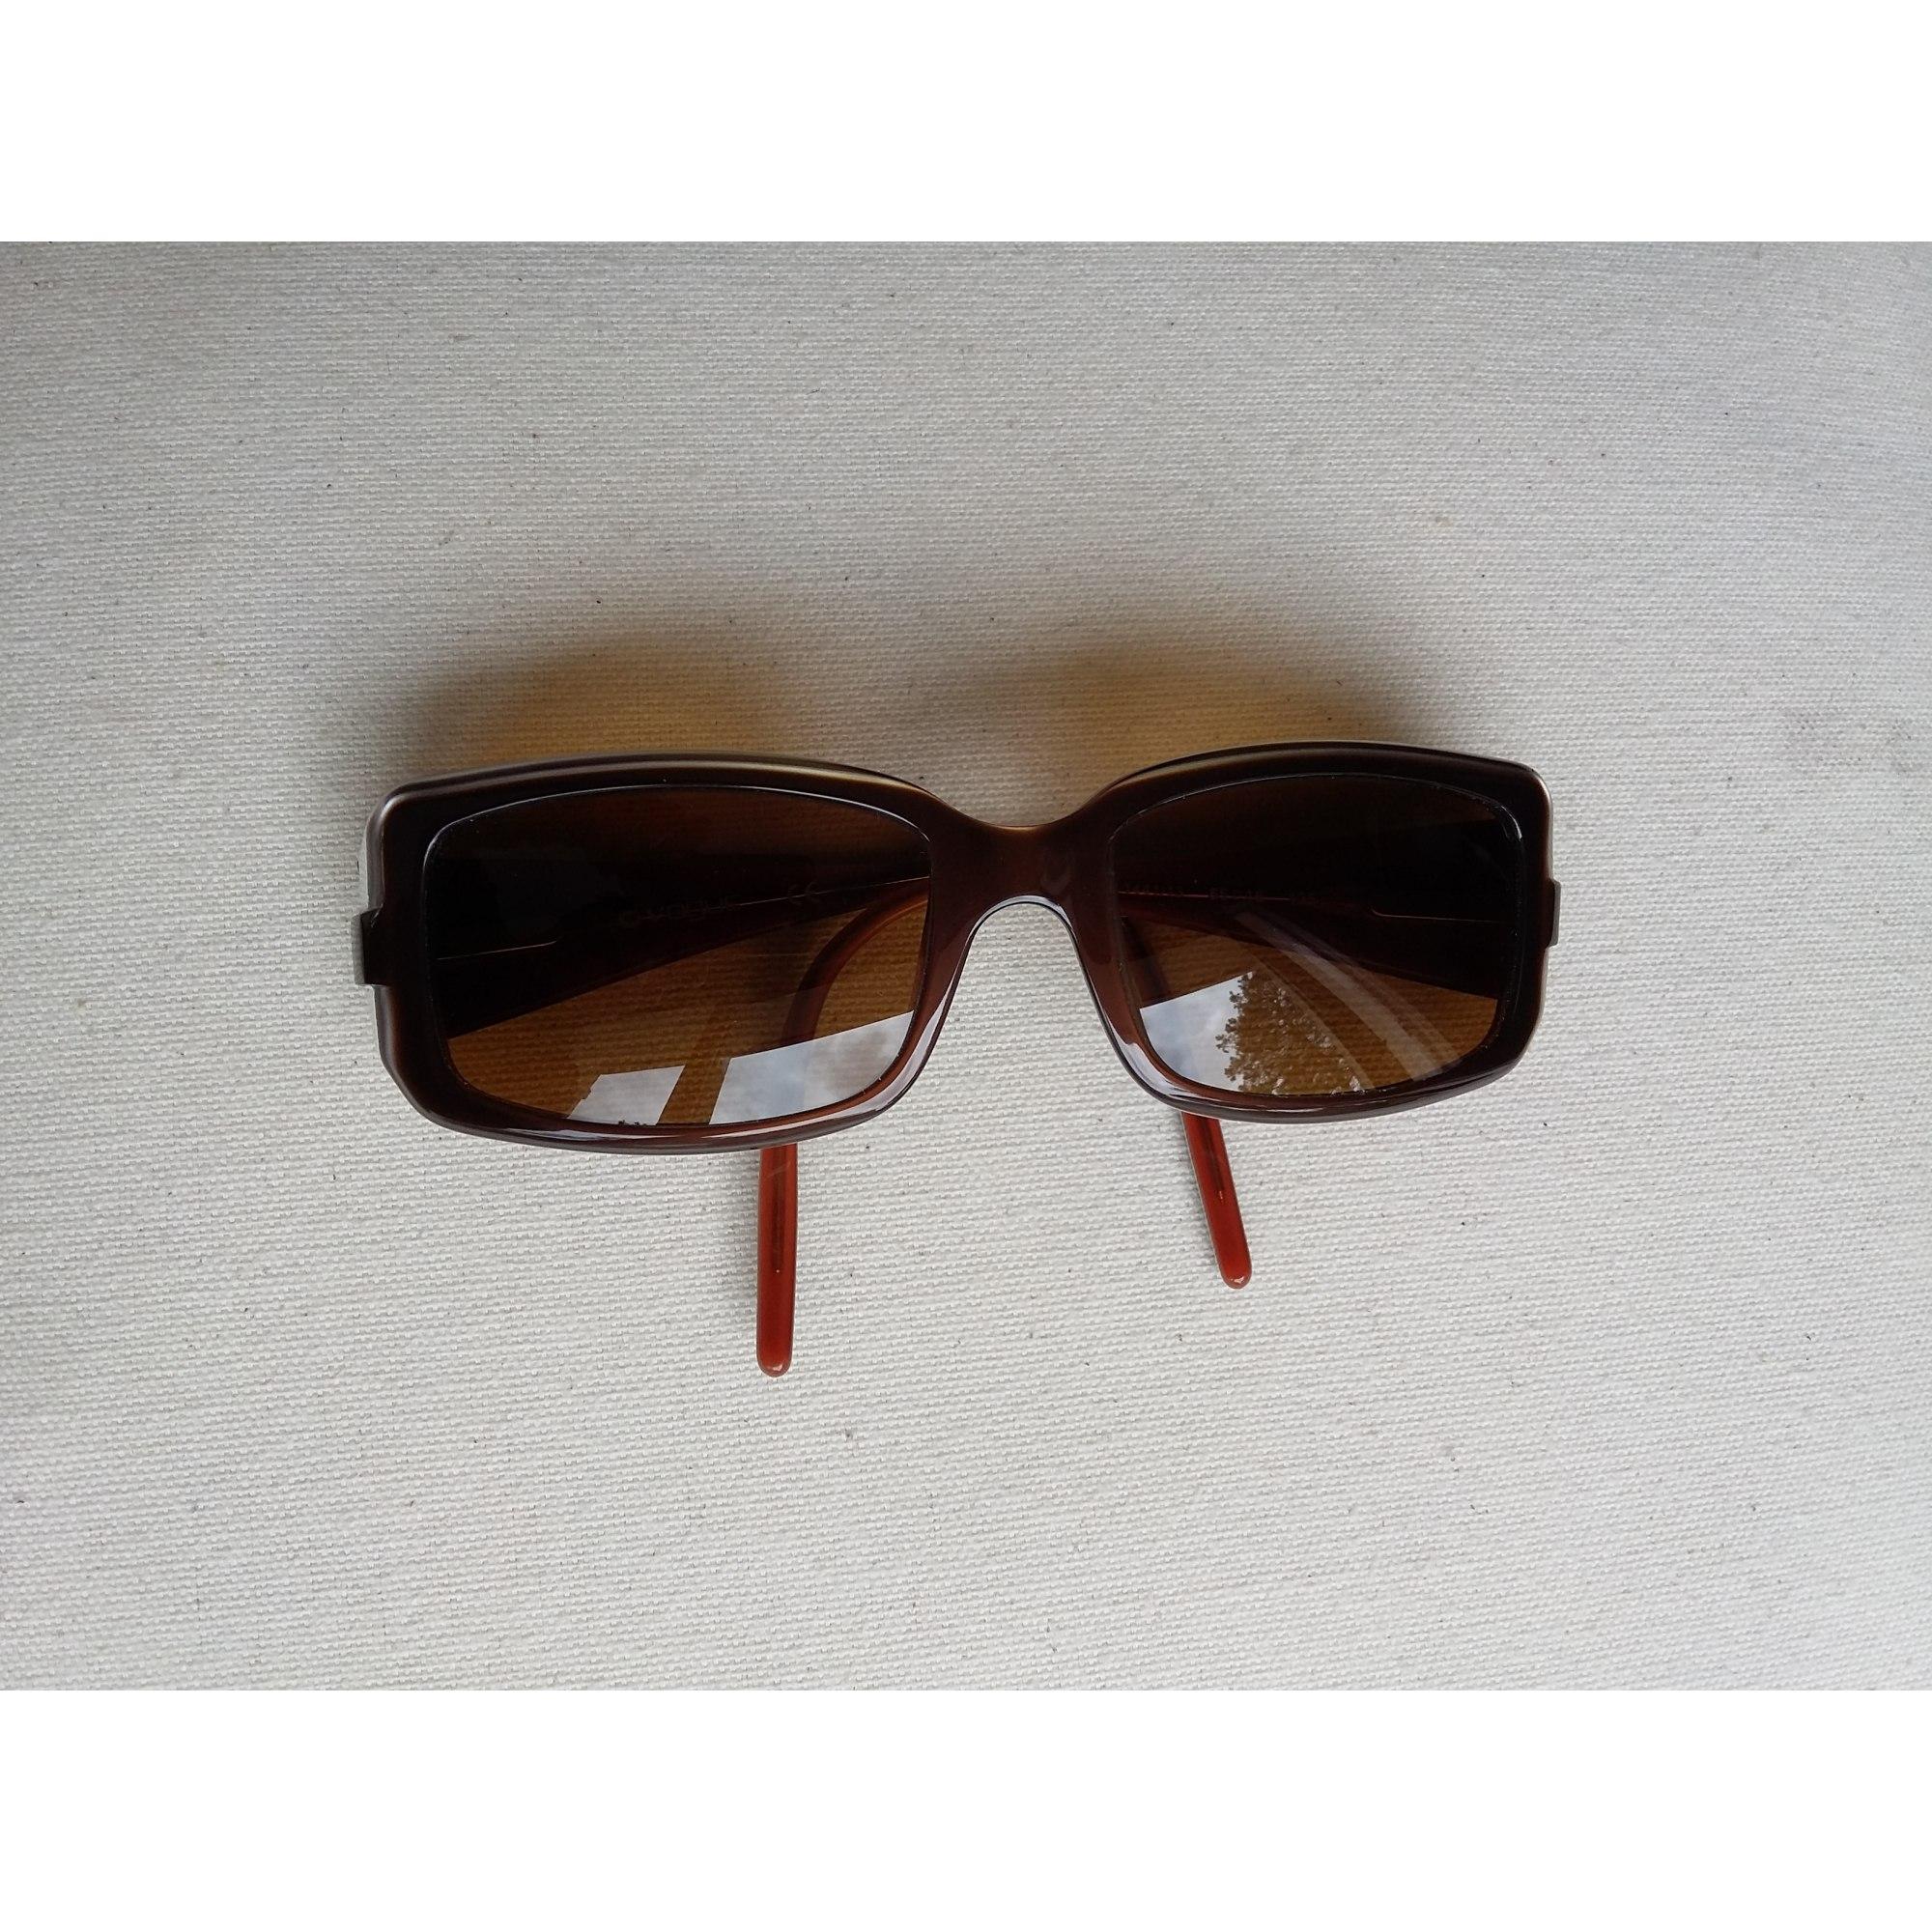 Monture de lunettes VOGUE marron avec des liseré blanc